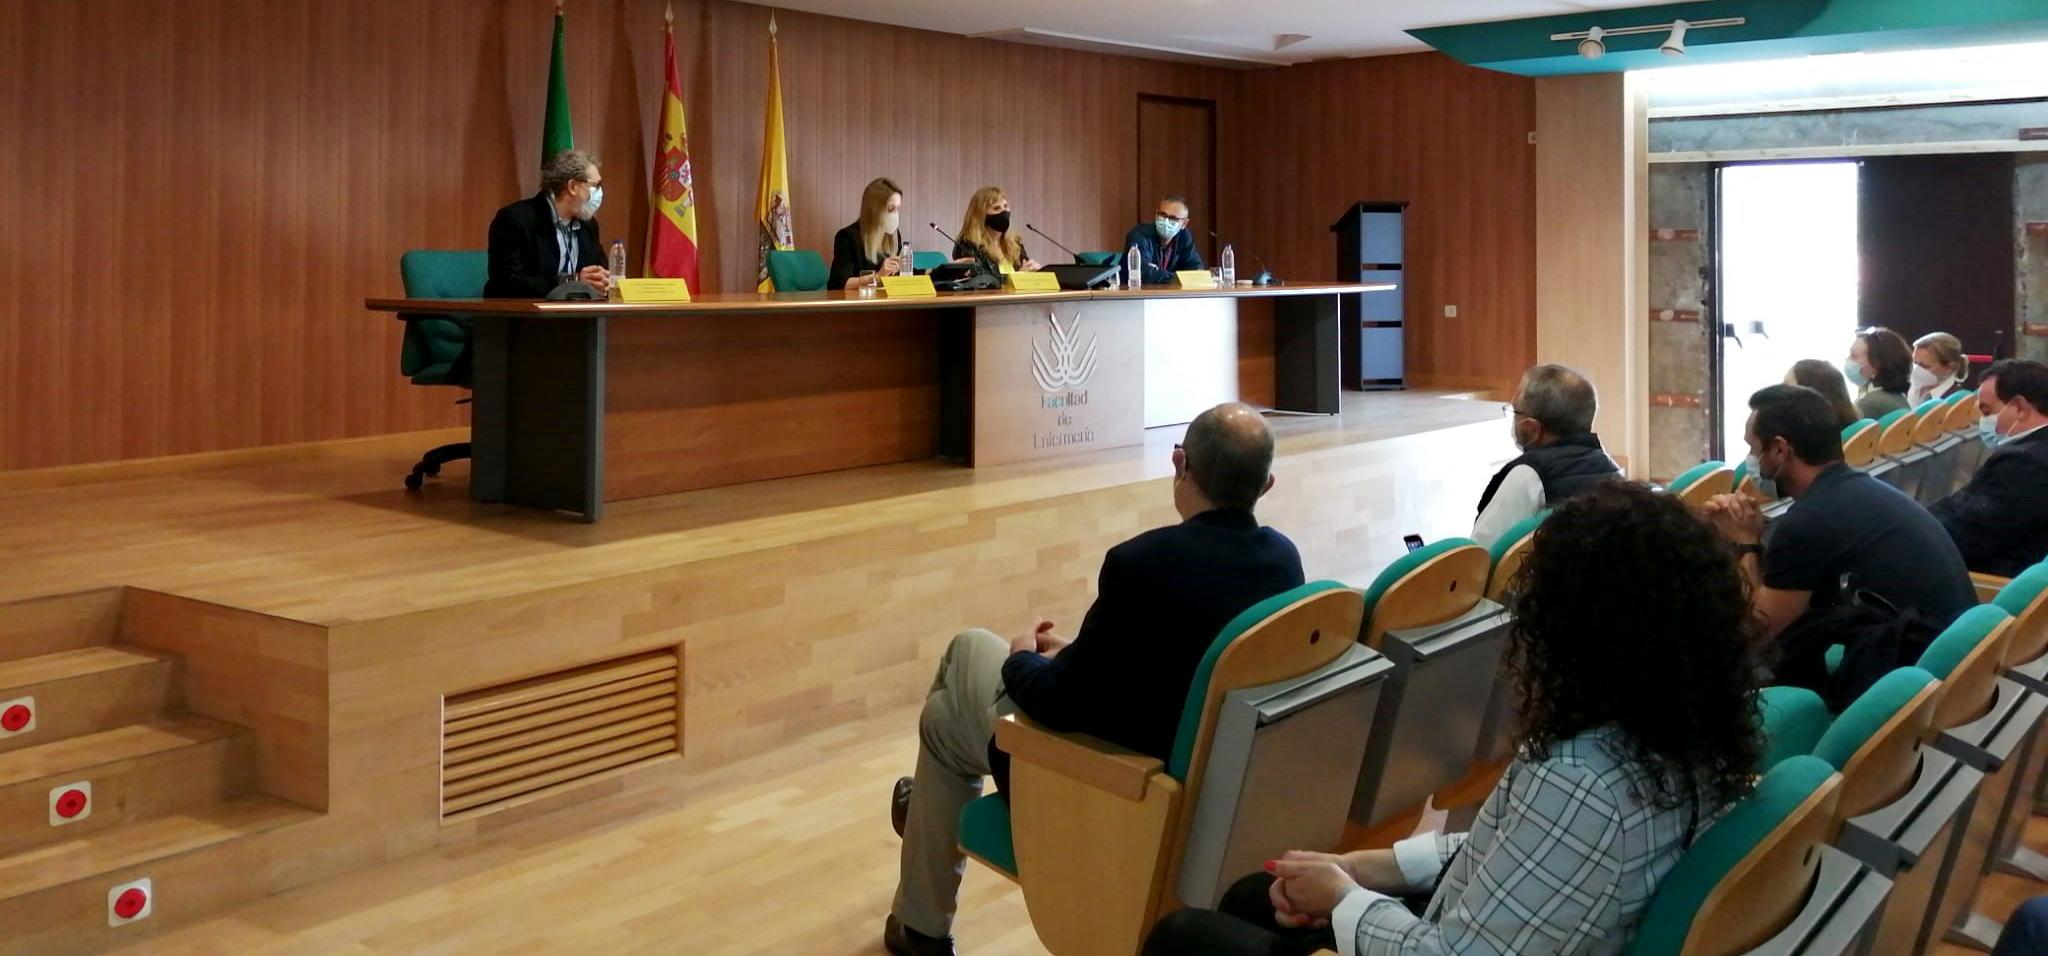 84 estudiantes de 2º curso de Enfermería comienzan sus prácticas clínicas en Algeciras